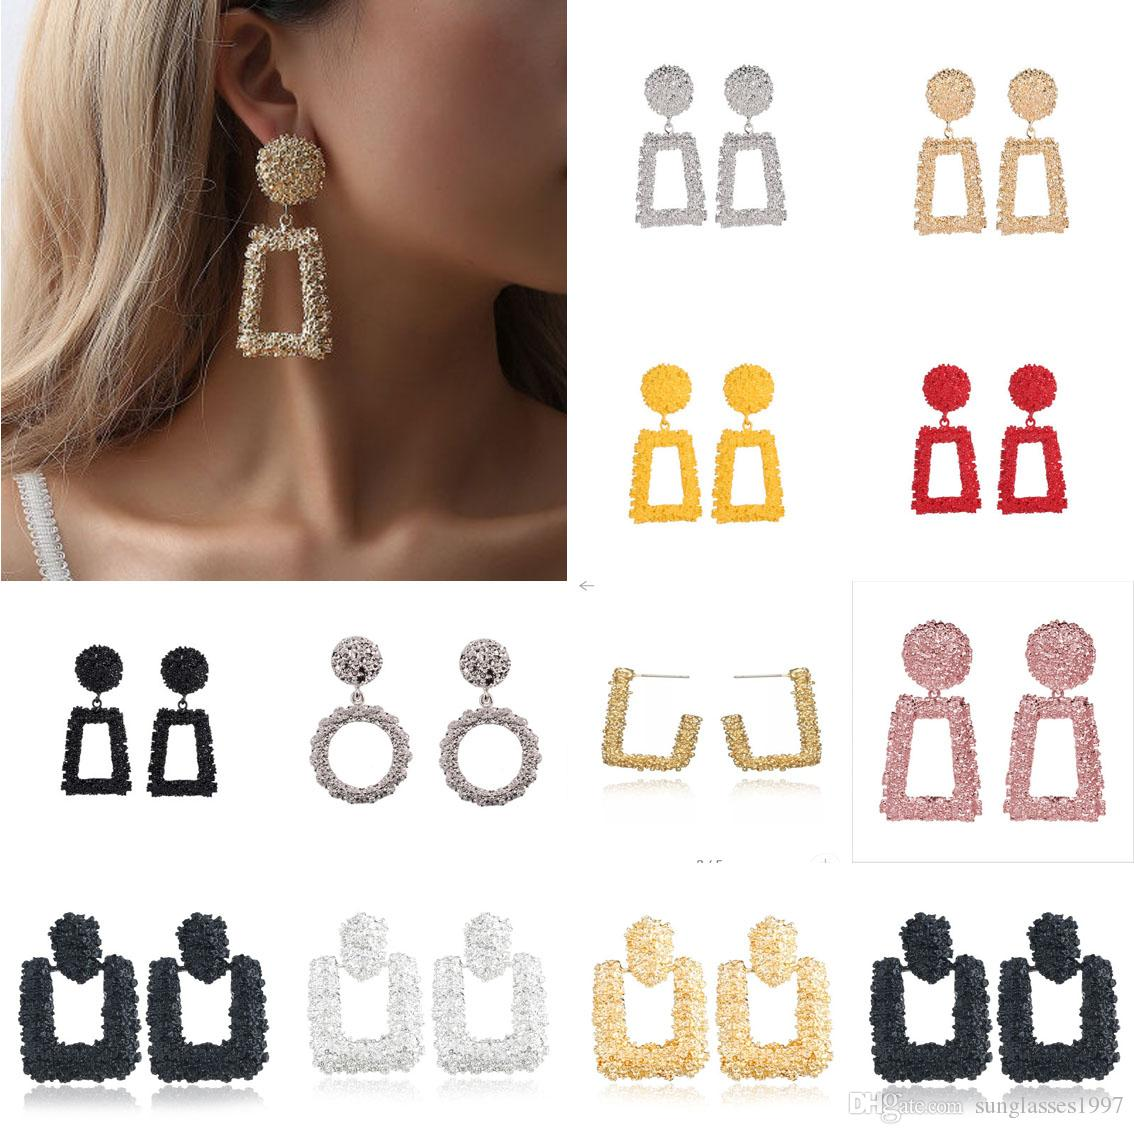 Big Vintage Boucles d'oreilles pour femmes Couleur Or Golden Poste Boucles d'oreilles 2018 Métal Bouge De Tendance suspendue Bijoux